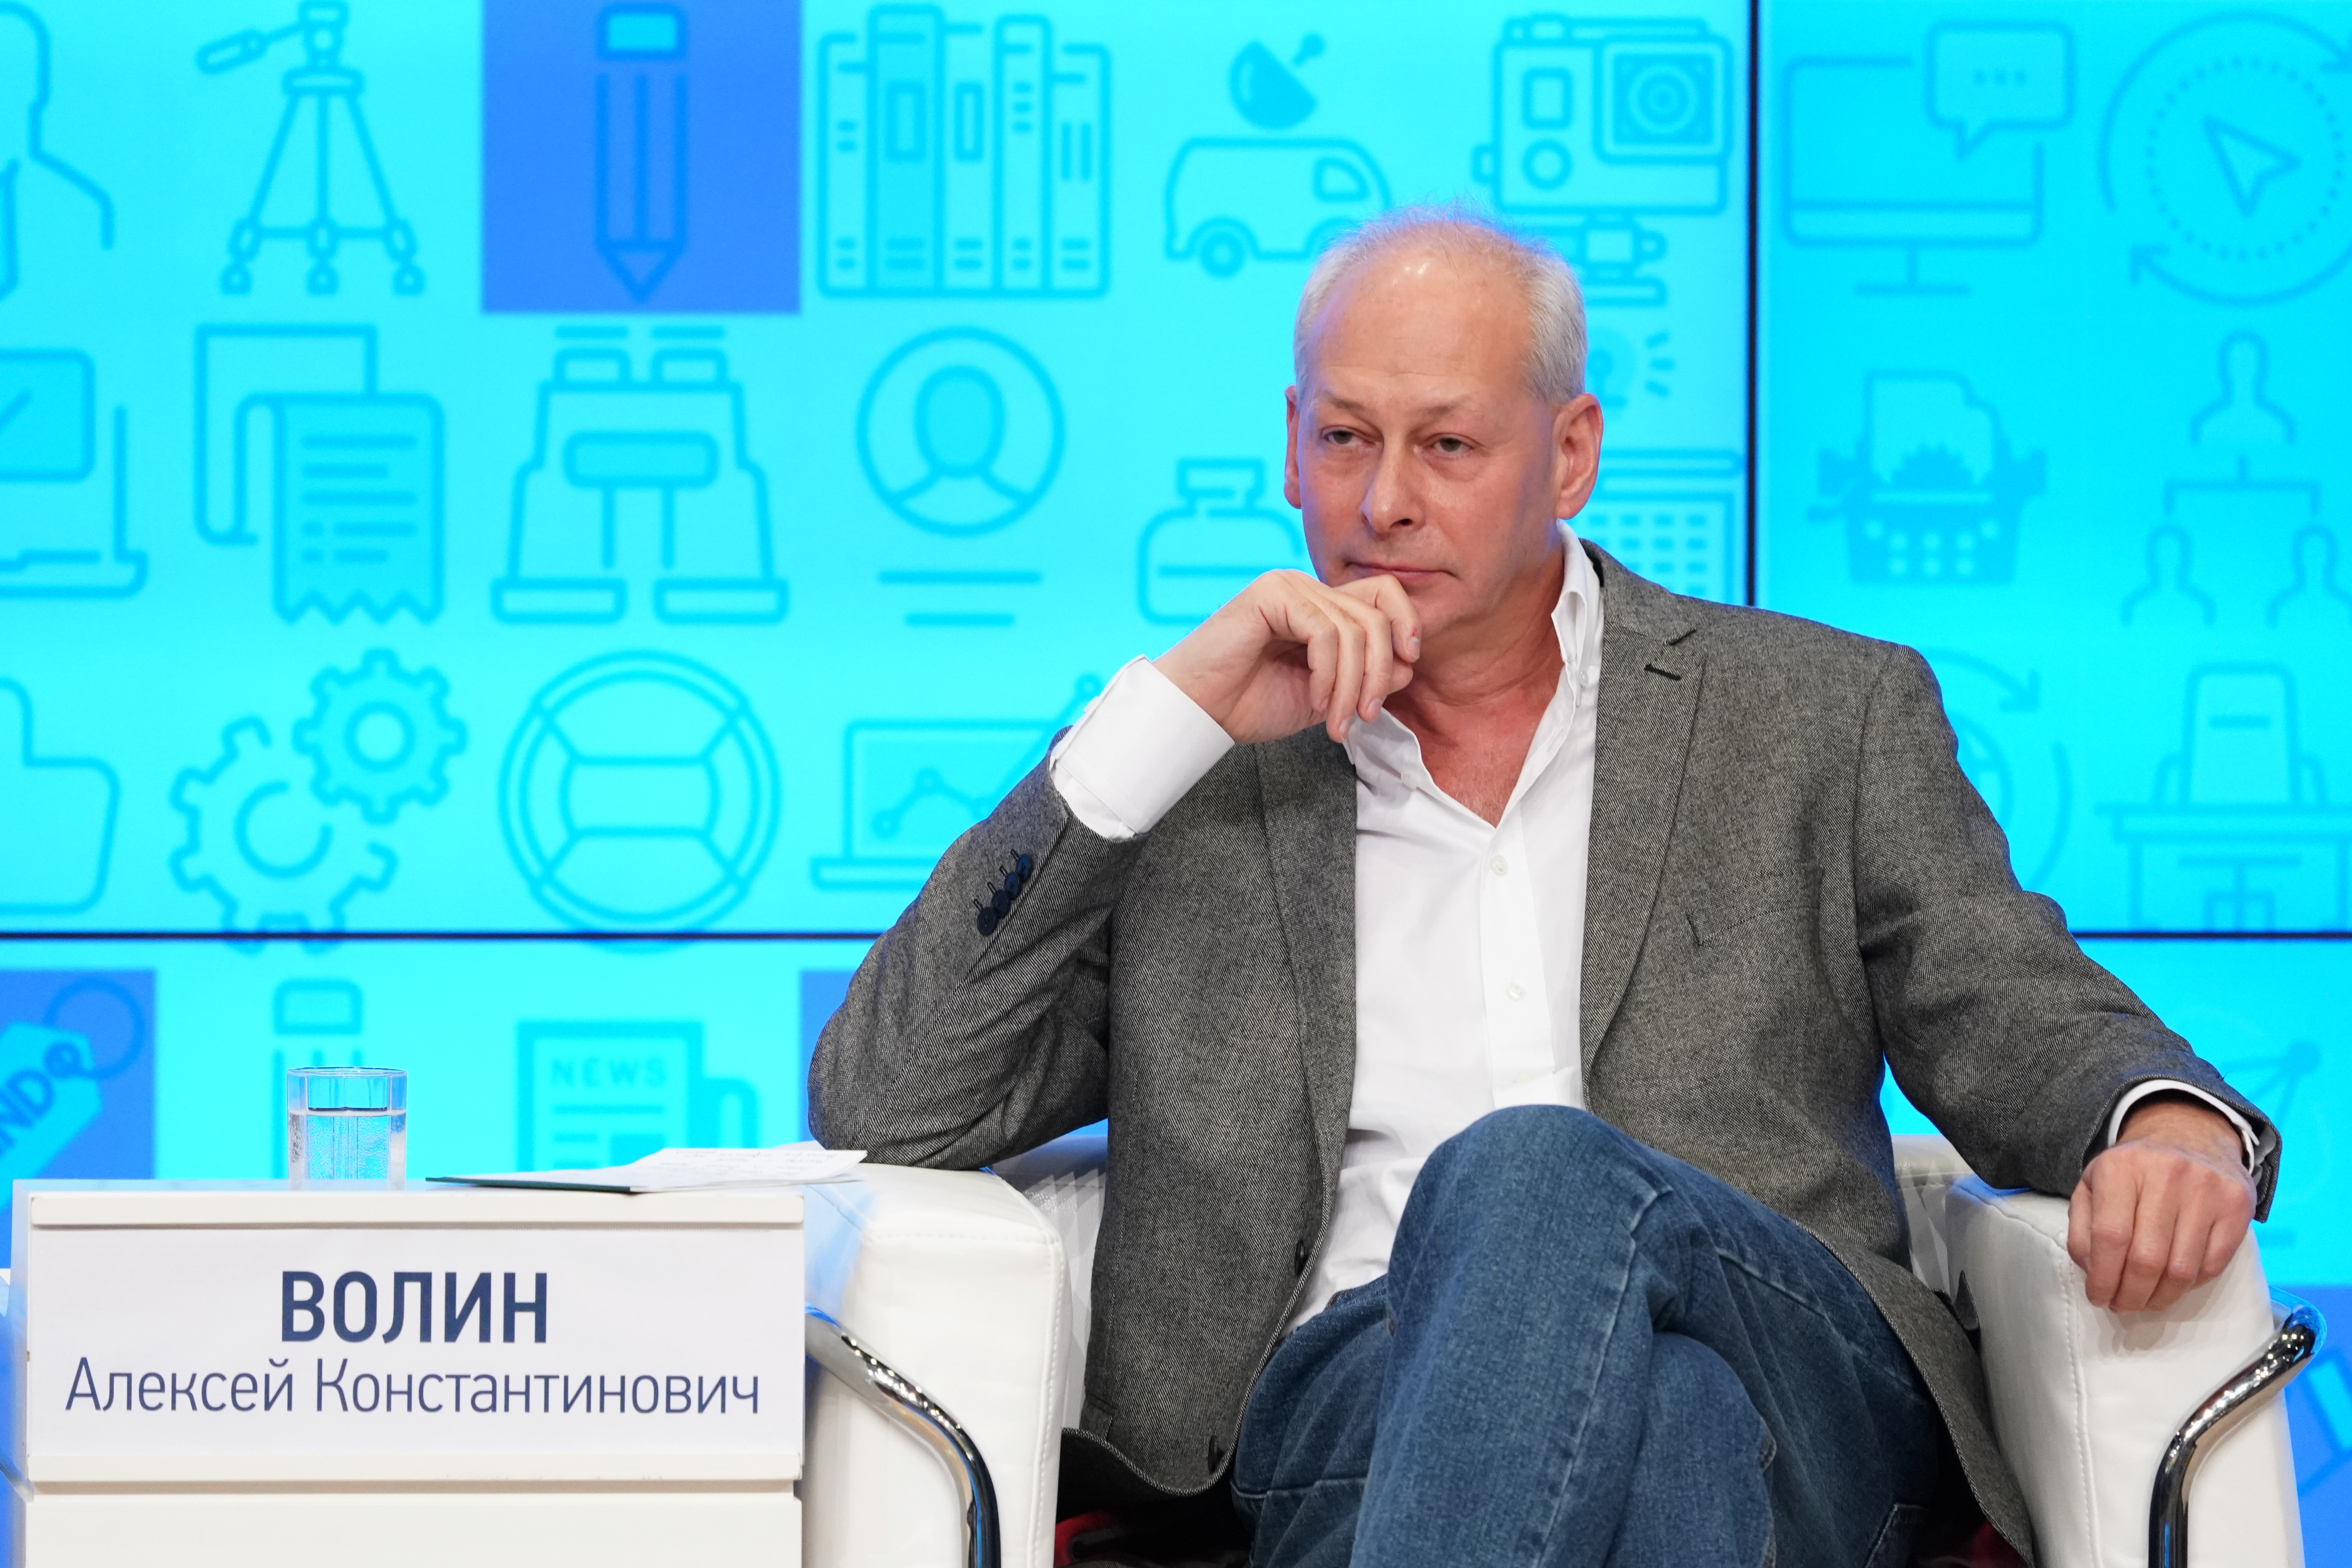 <p>Фото: &copy; РИА Новости / Владимир Трефилов</p>